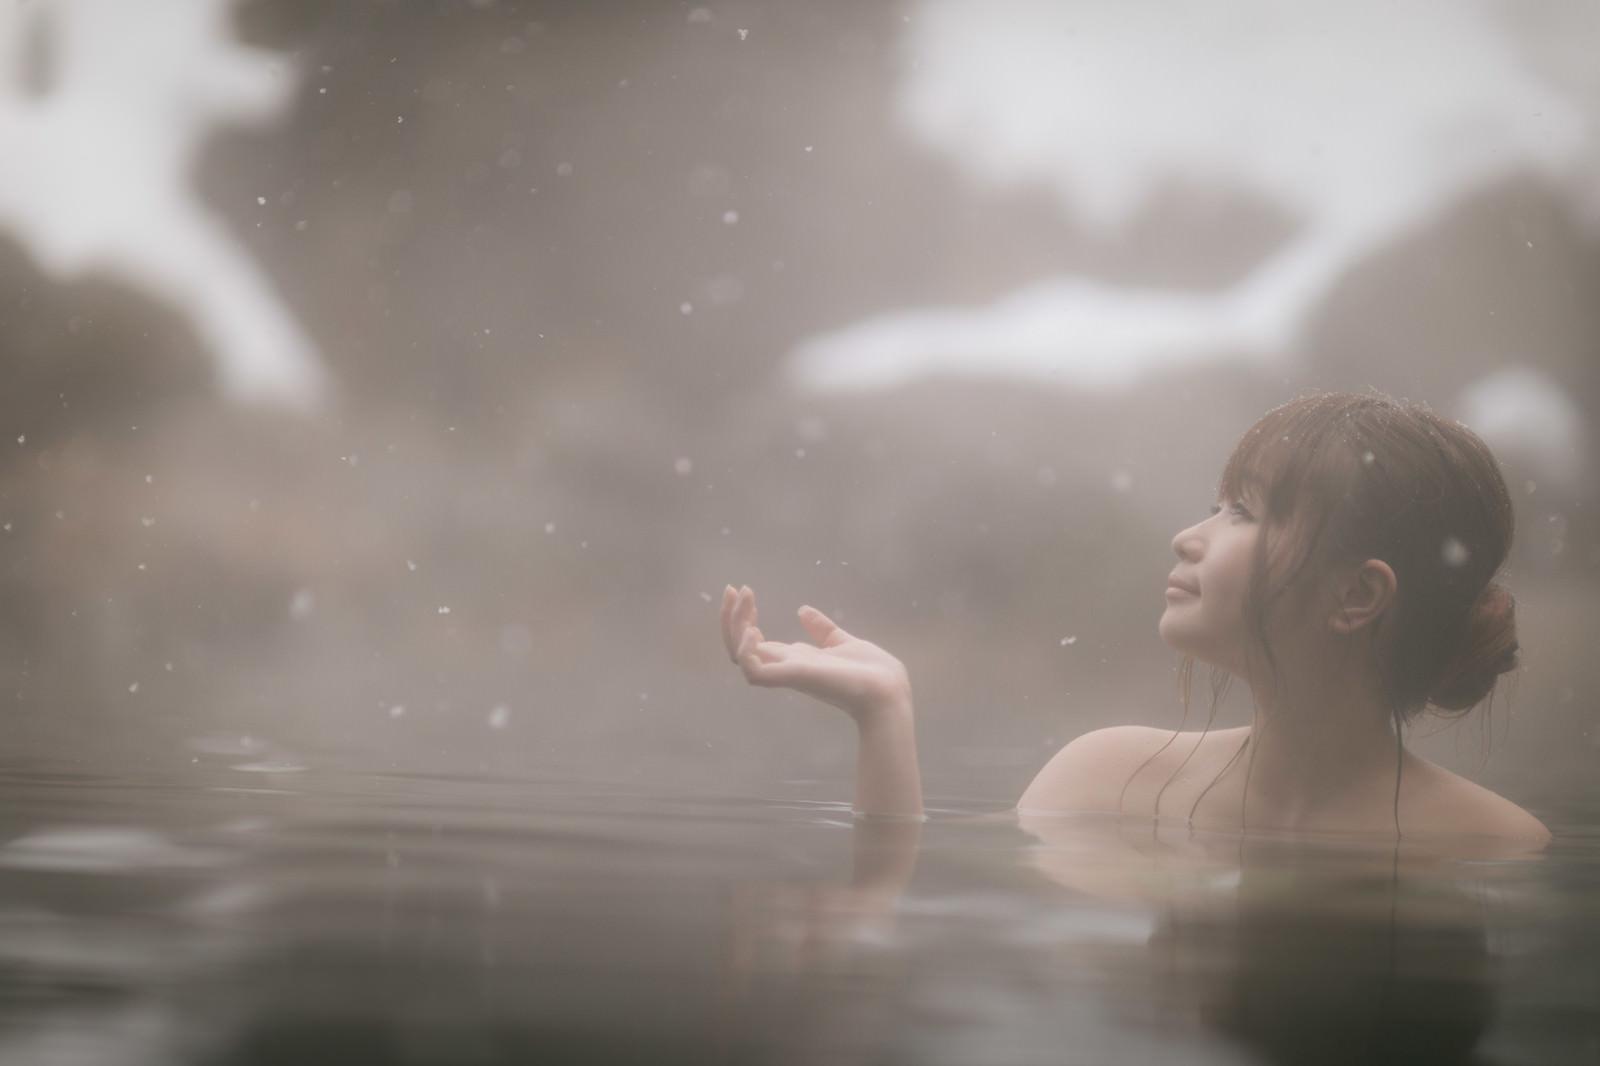 「粉雪舞う露天風呂に浸かる美女粉雪舞う露天風呂に浸かる美女」[モデル:茜さや]のフリー写真素材を拡大